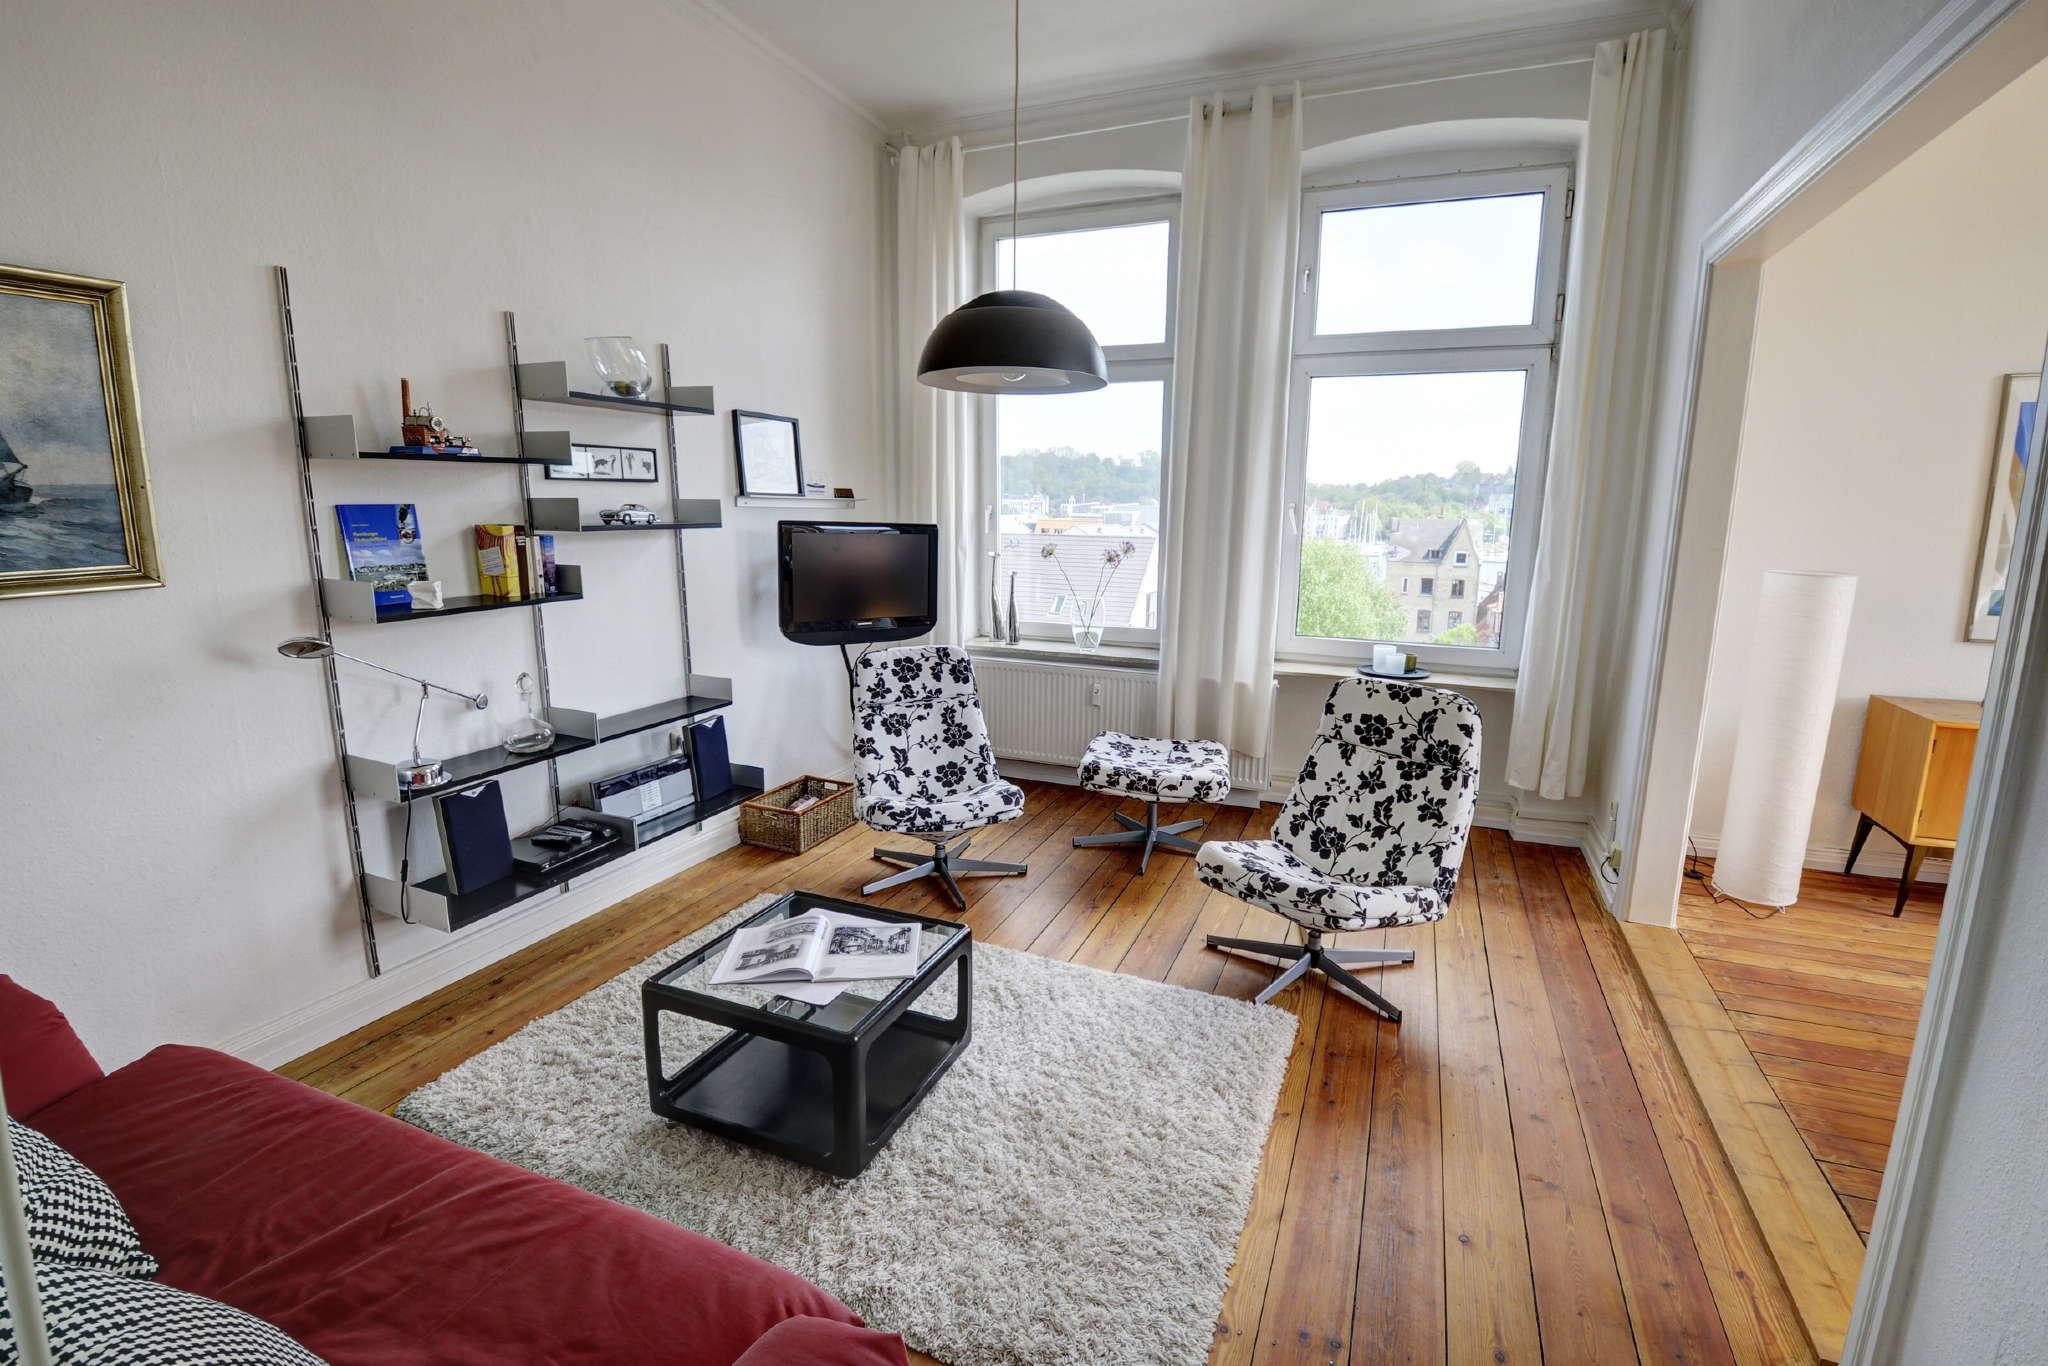 Wohnbereich mit Hafenblick